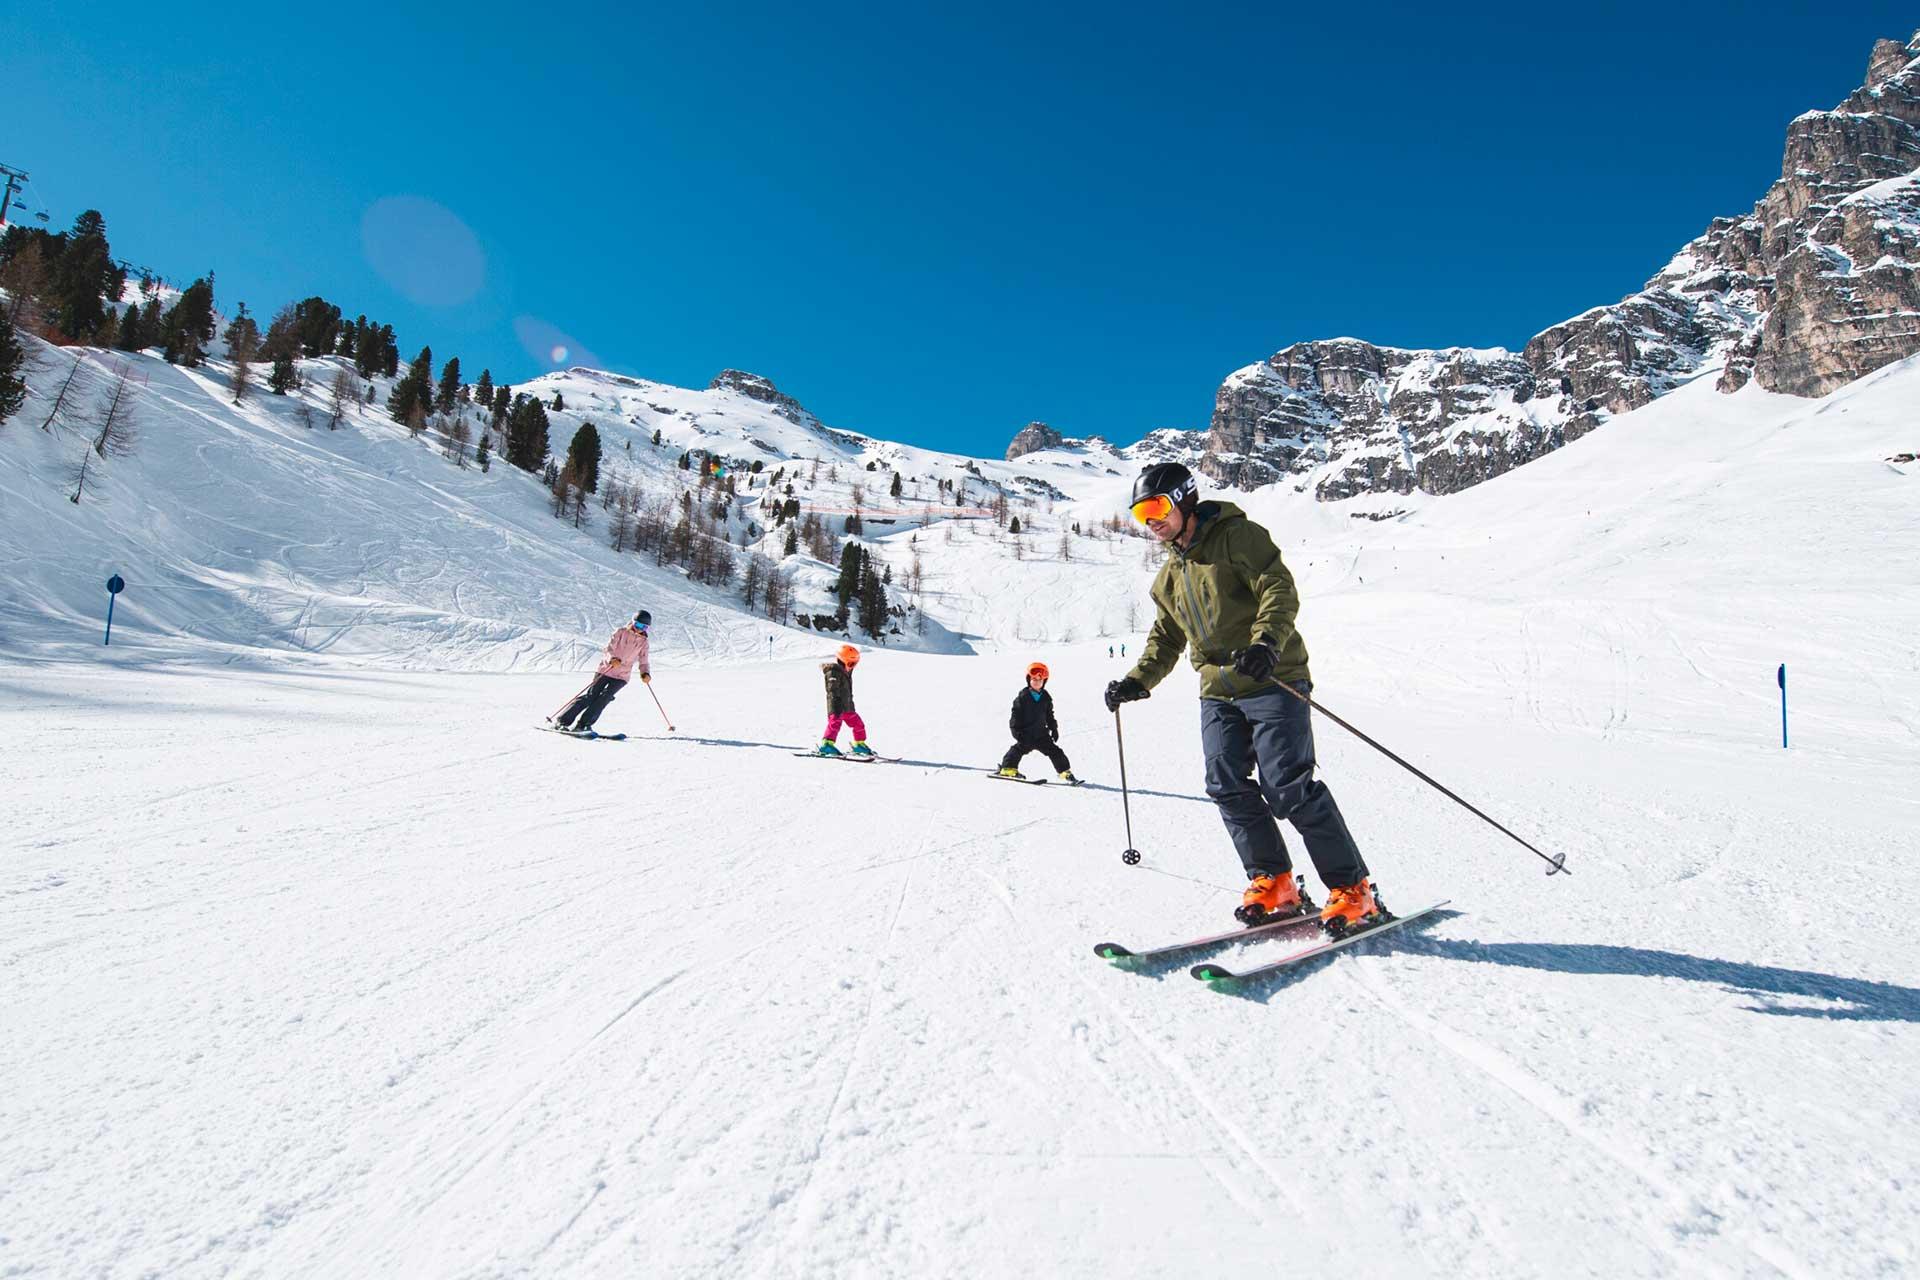 familienurlaub im hotel angelika - skifahren mit der ganzen familie